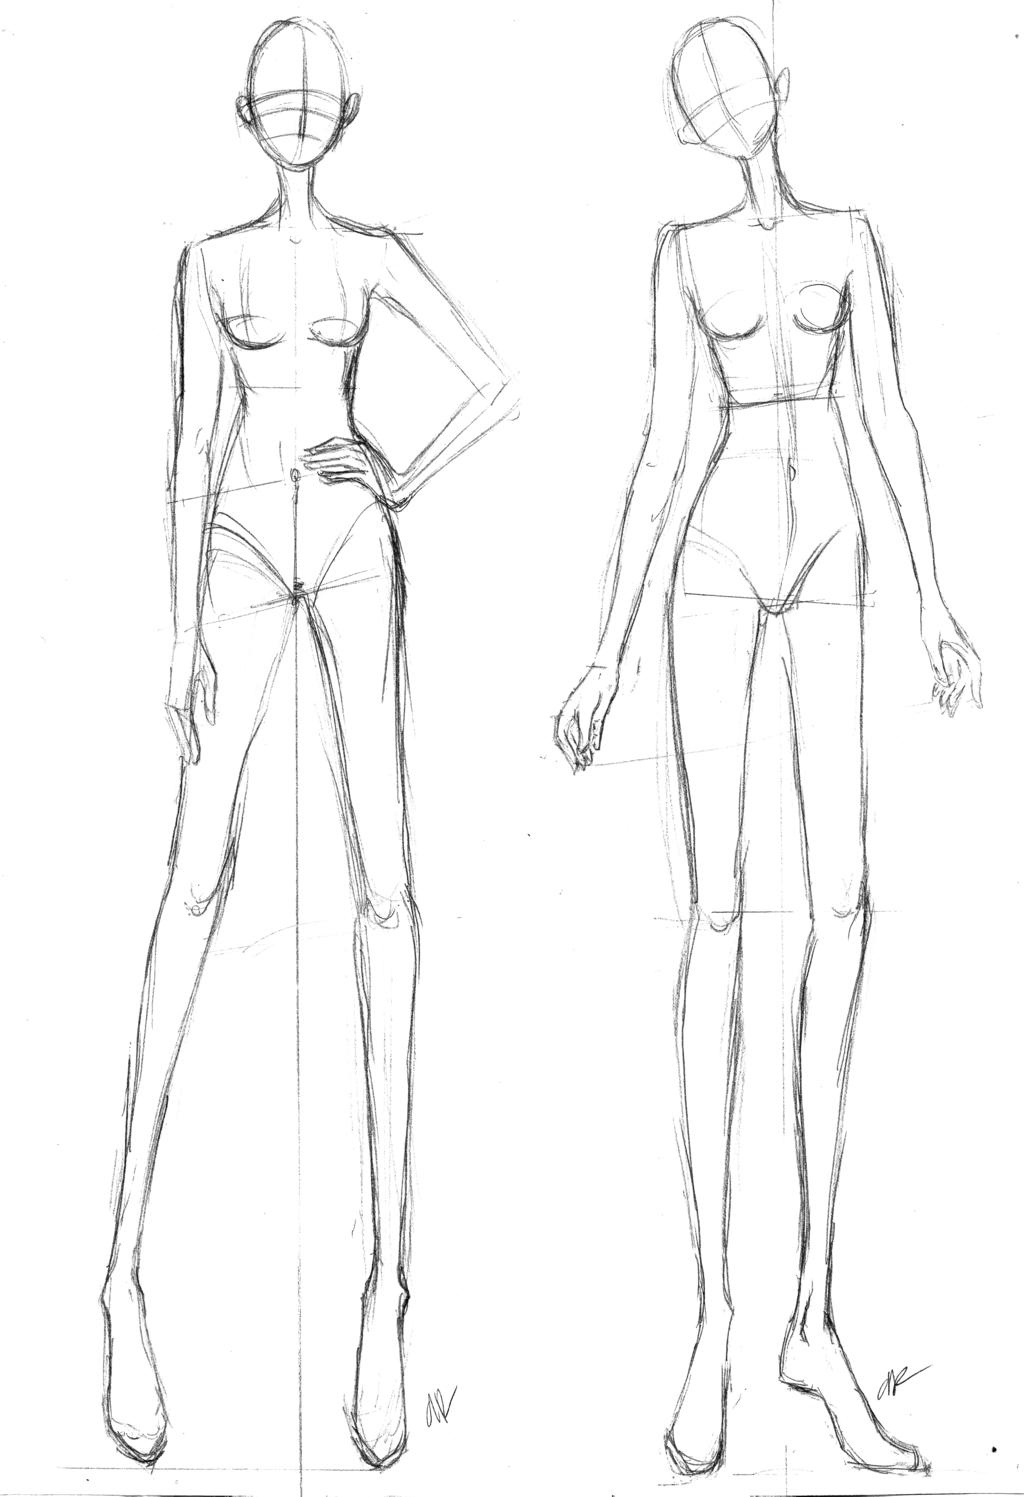 I Draw Fashion - Fashion Drawing Templates Tutorials 33